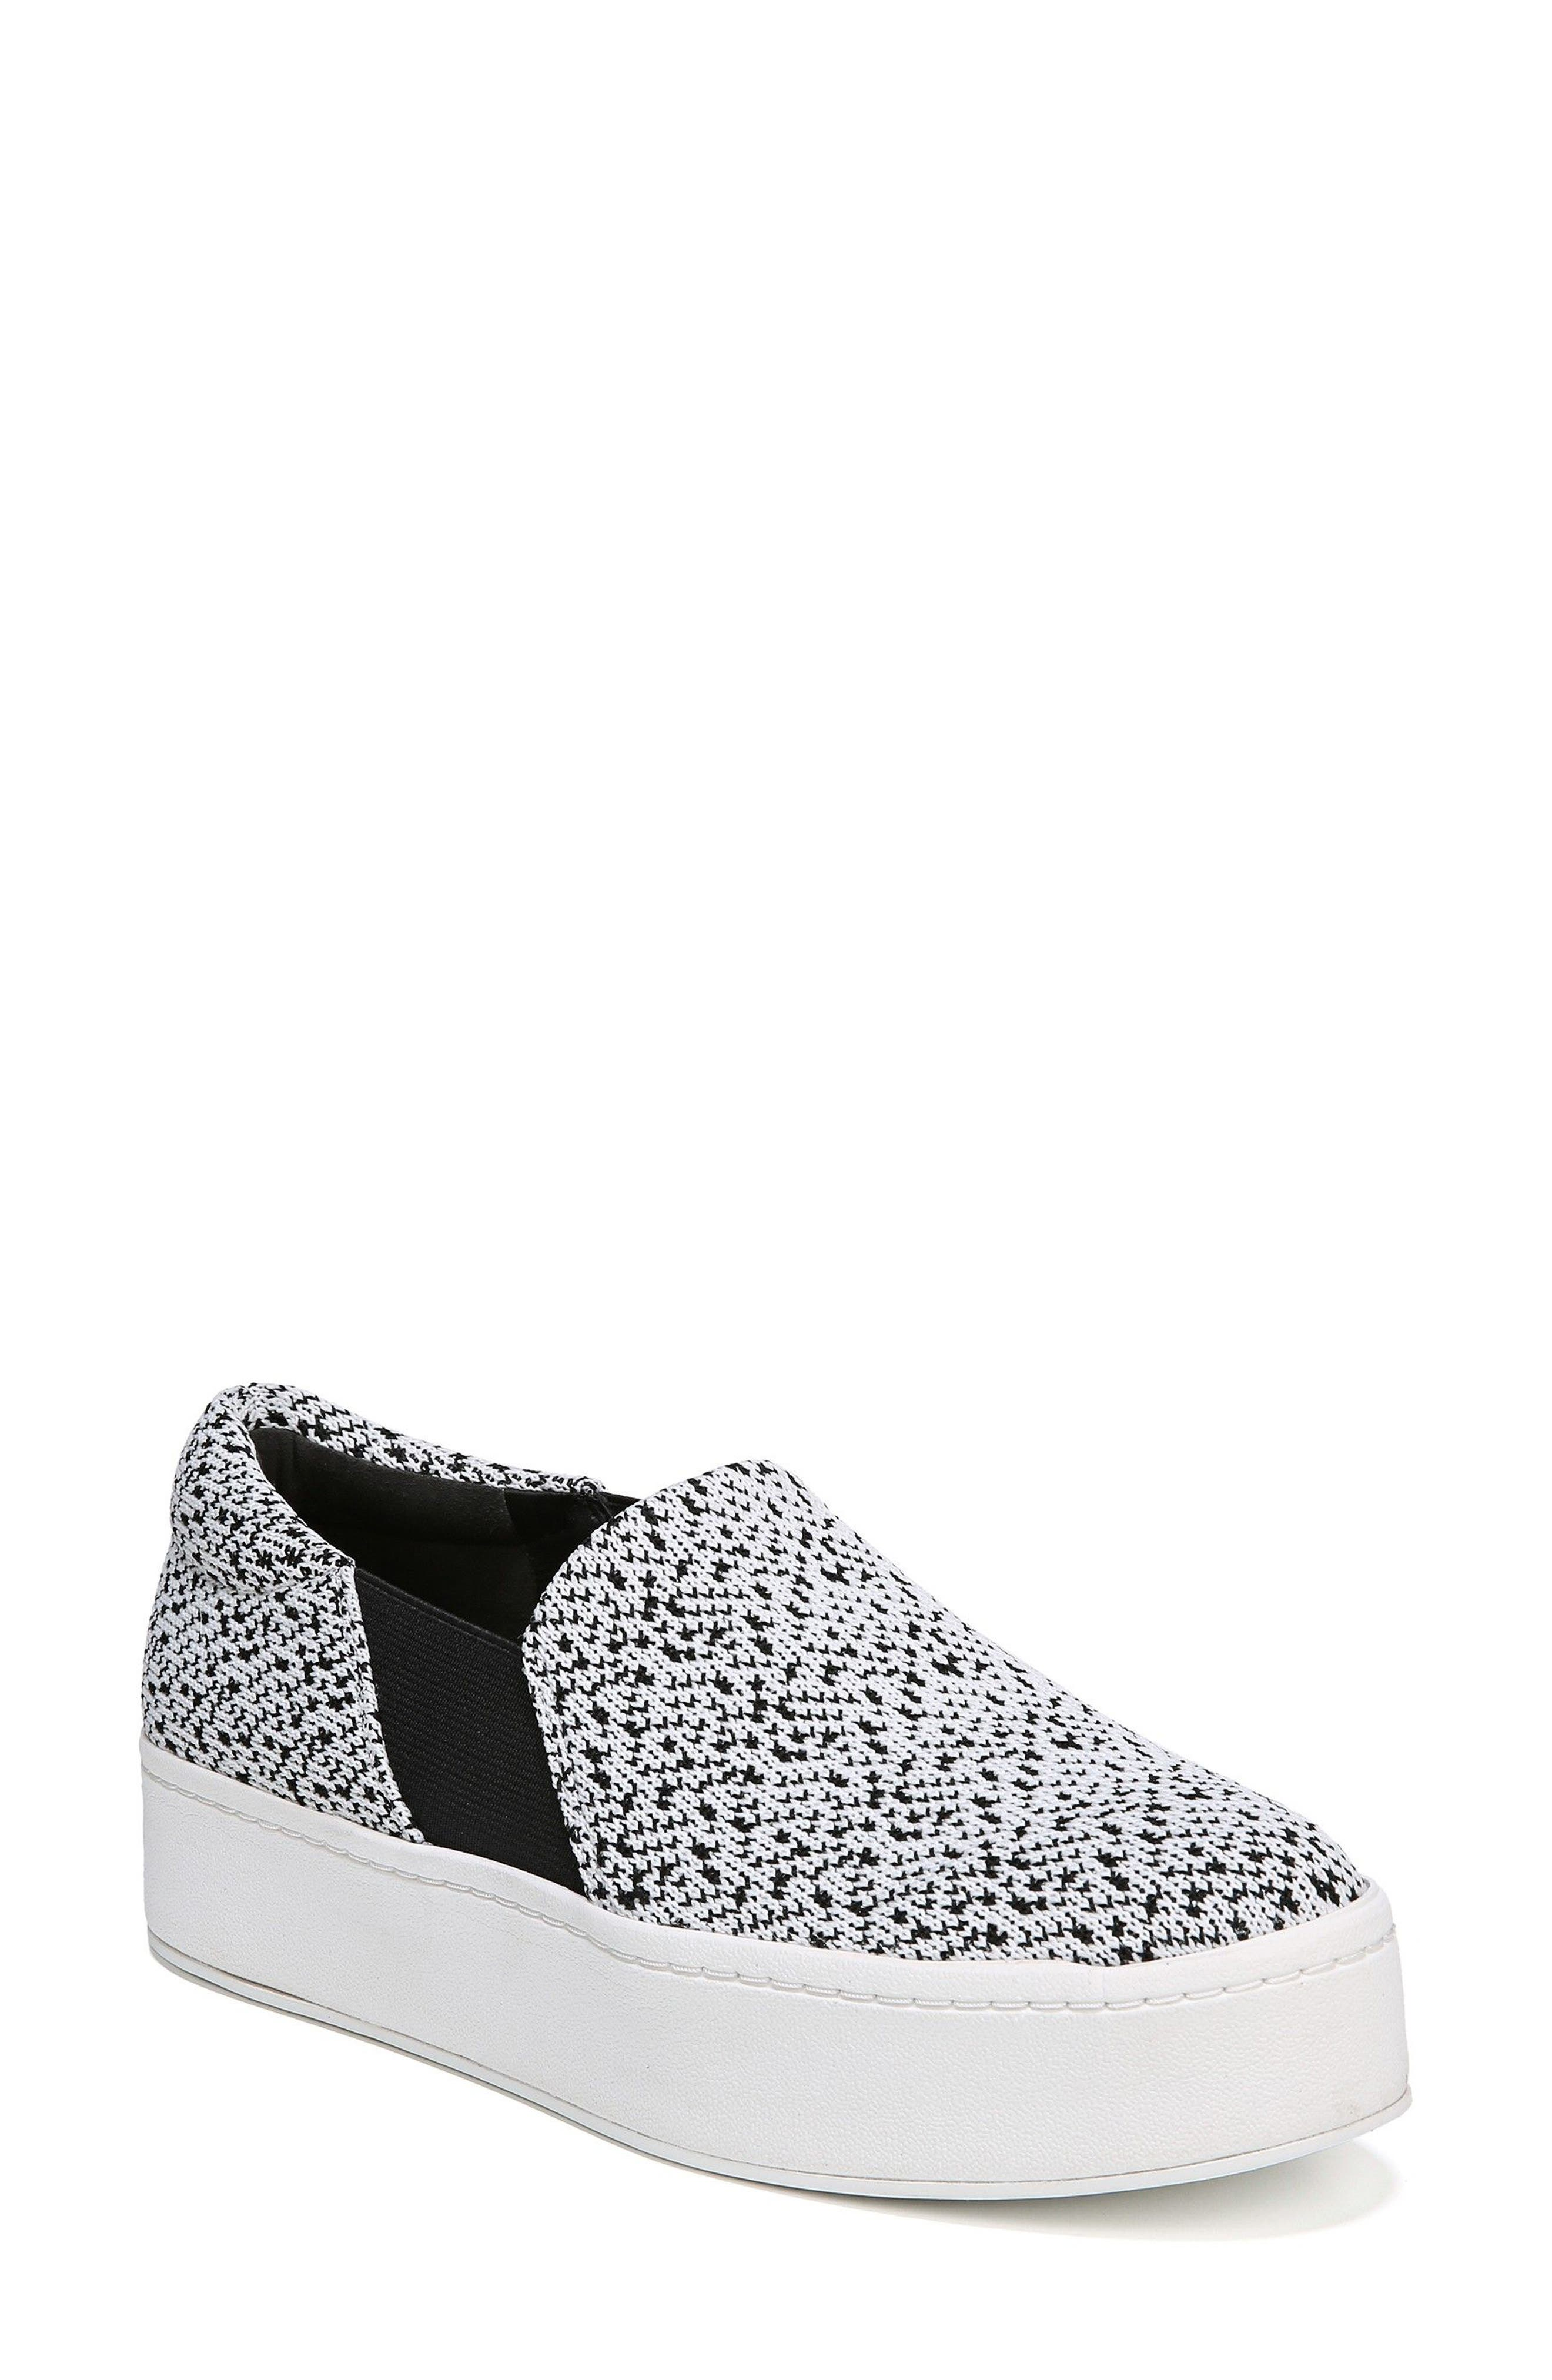 Warren Slip-On Sneaker,                             Main thumbnail 1, color,                             WHITE/ BLACK